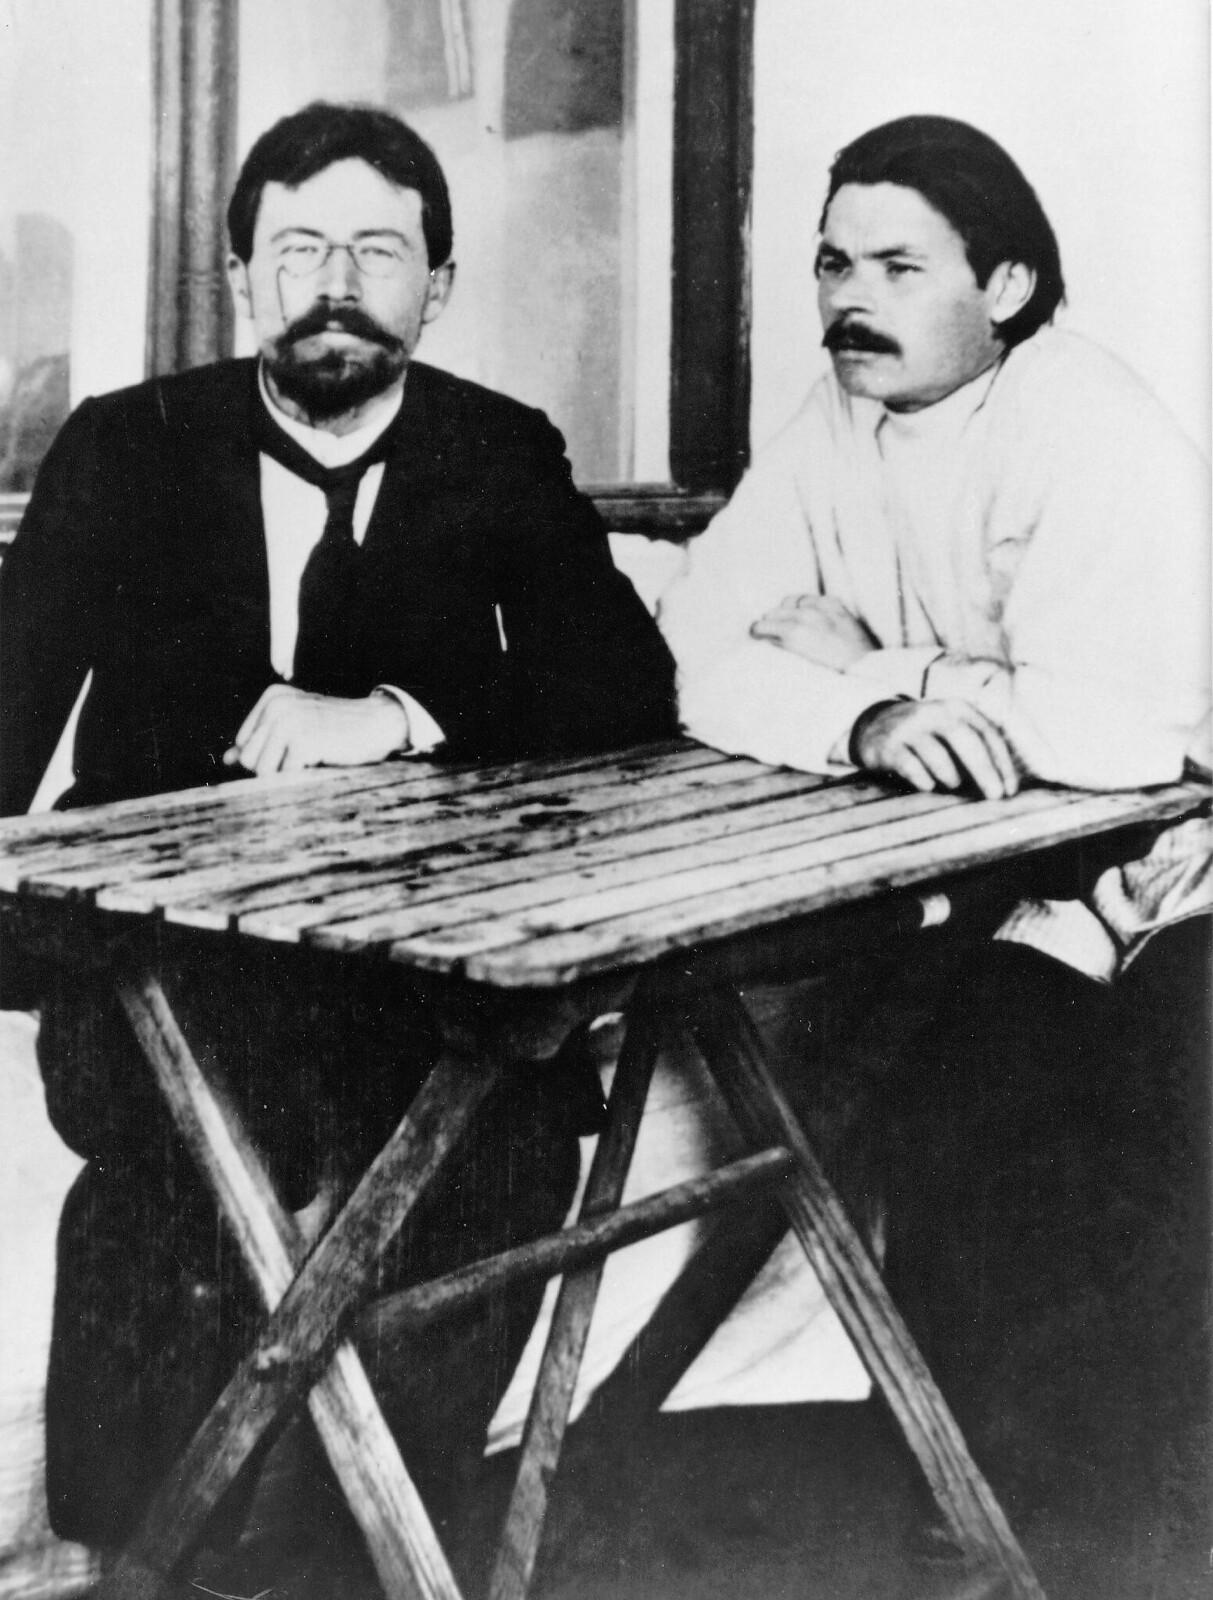 1900. Антон Чехов и Максим Горький в Ялте